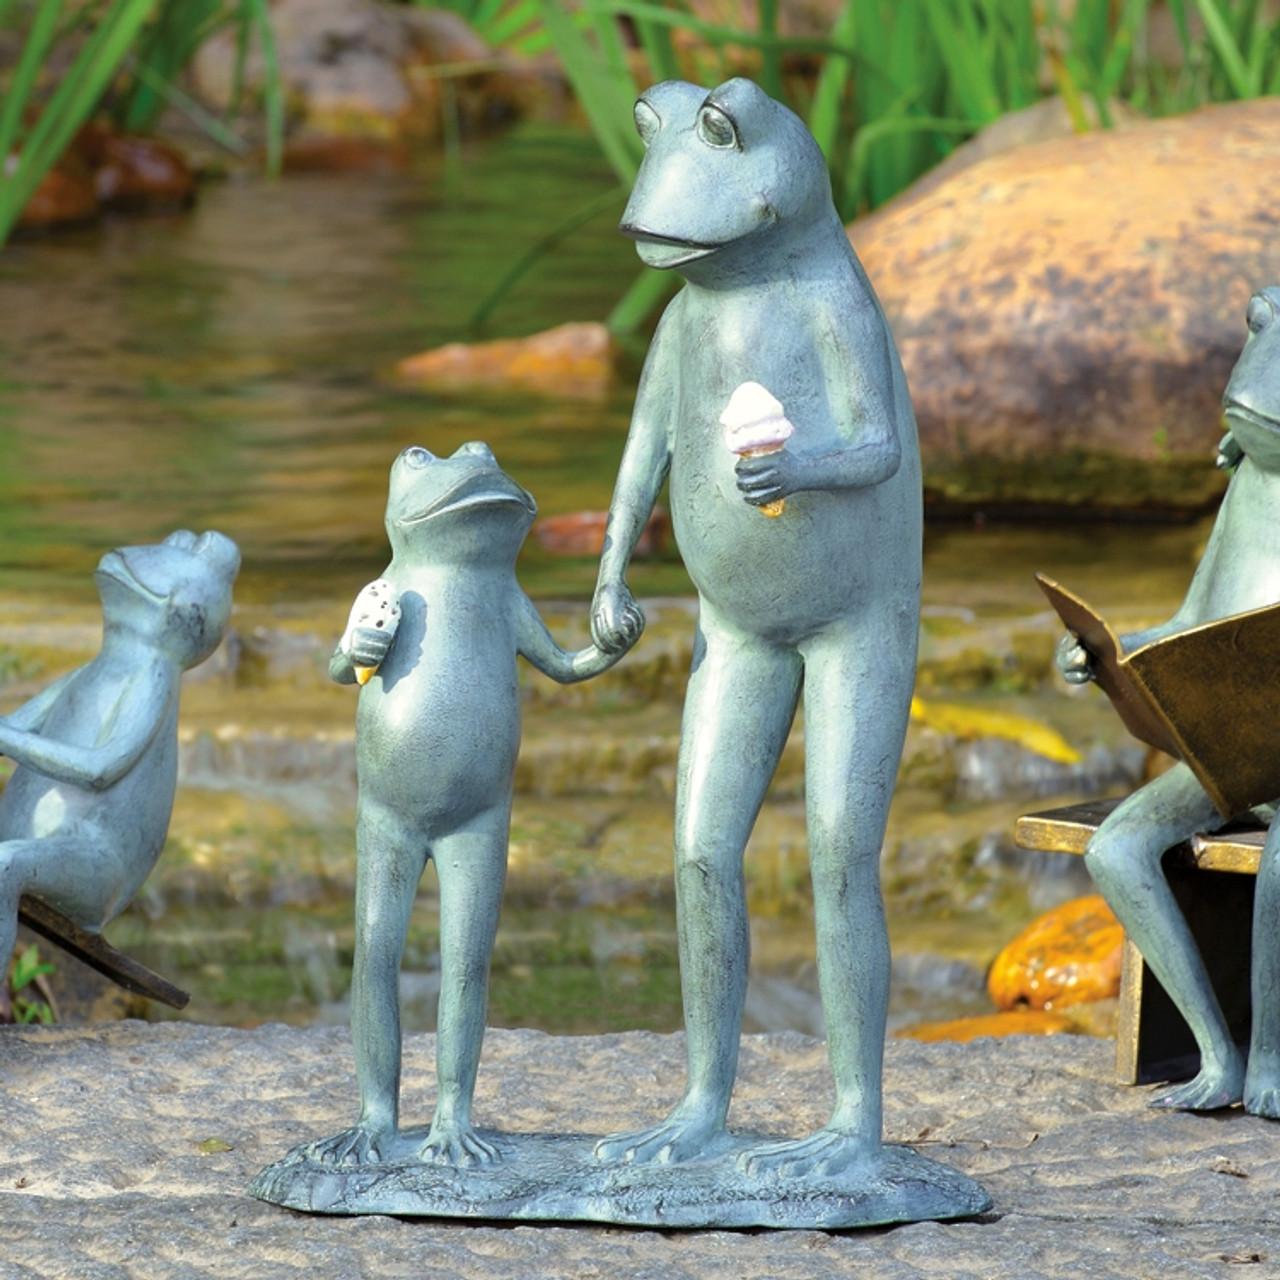 Summertime Treat Garden Sculpture